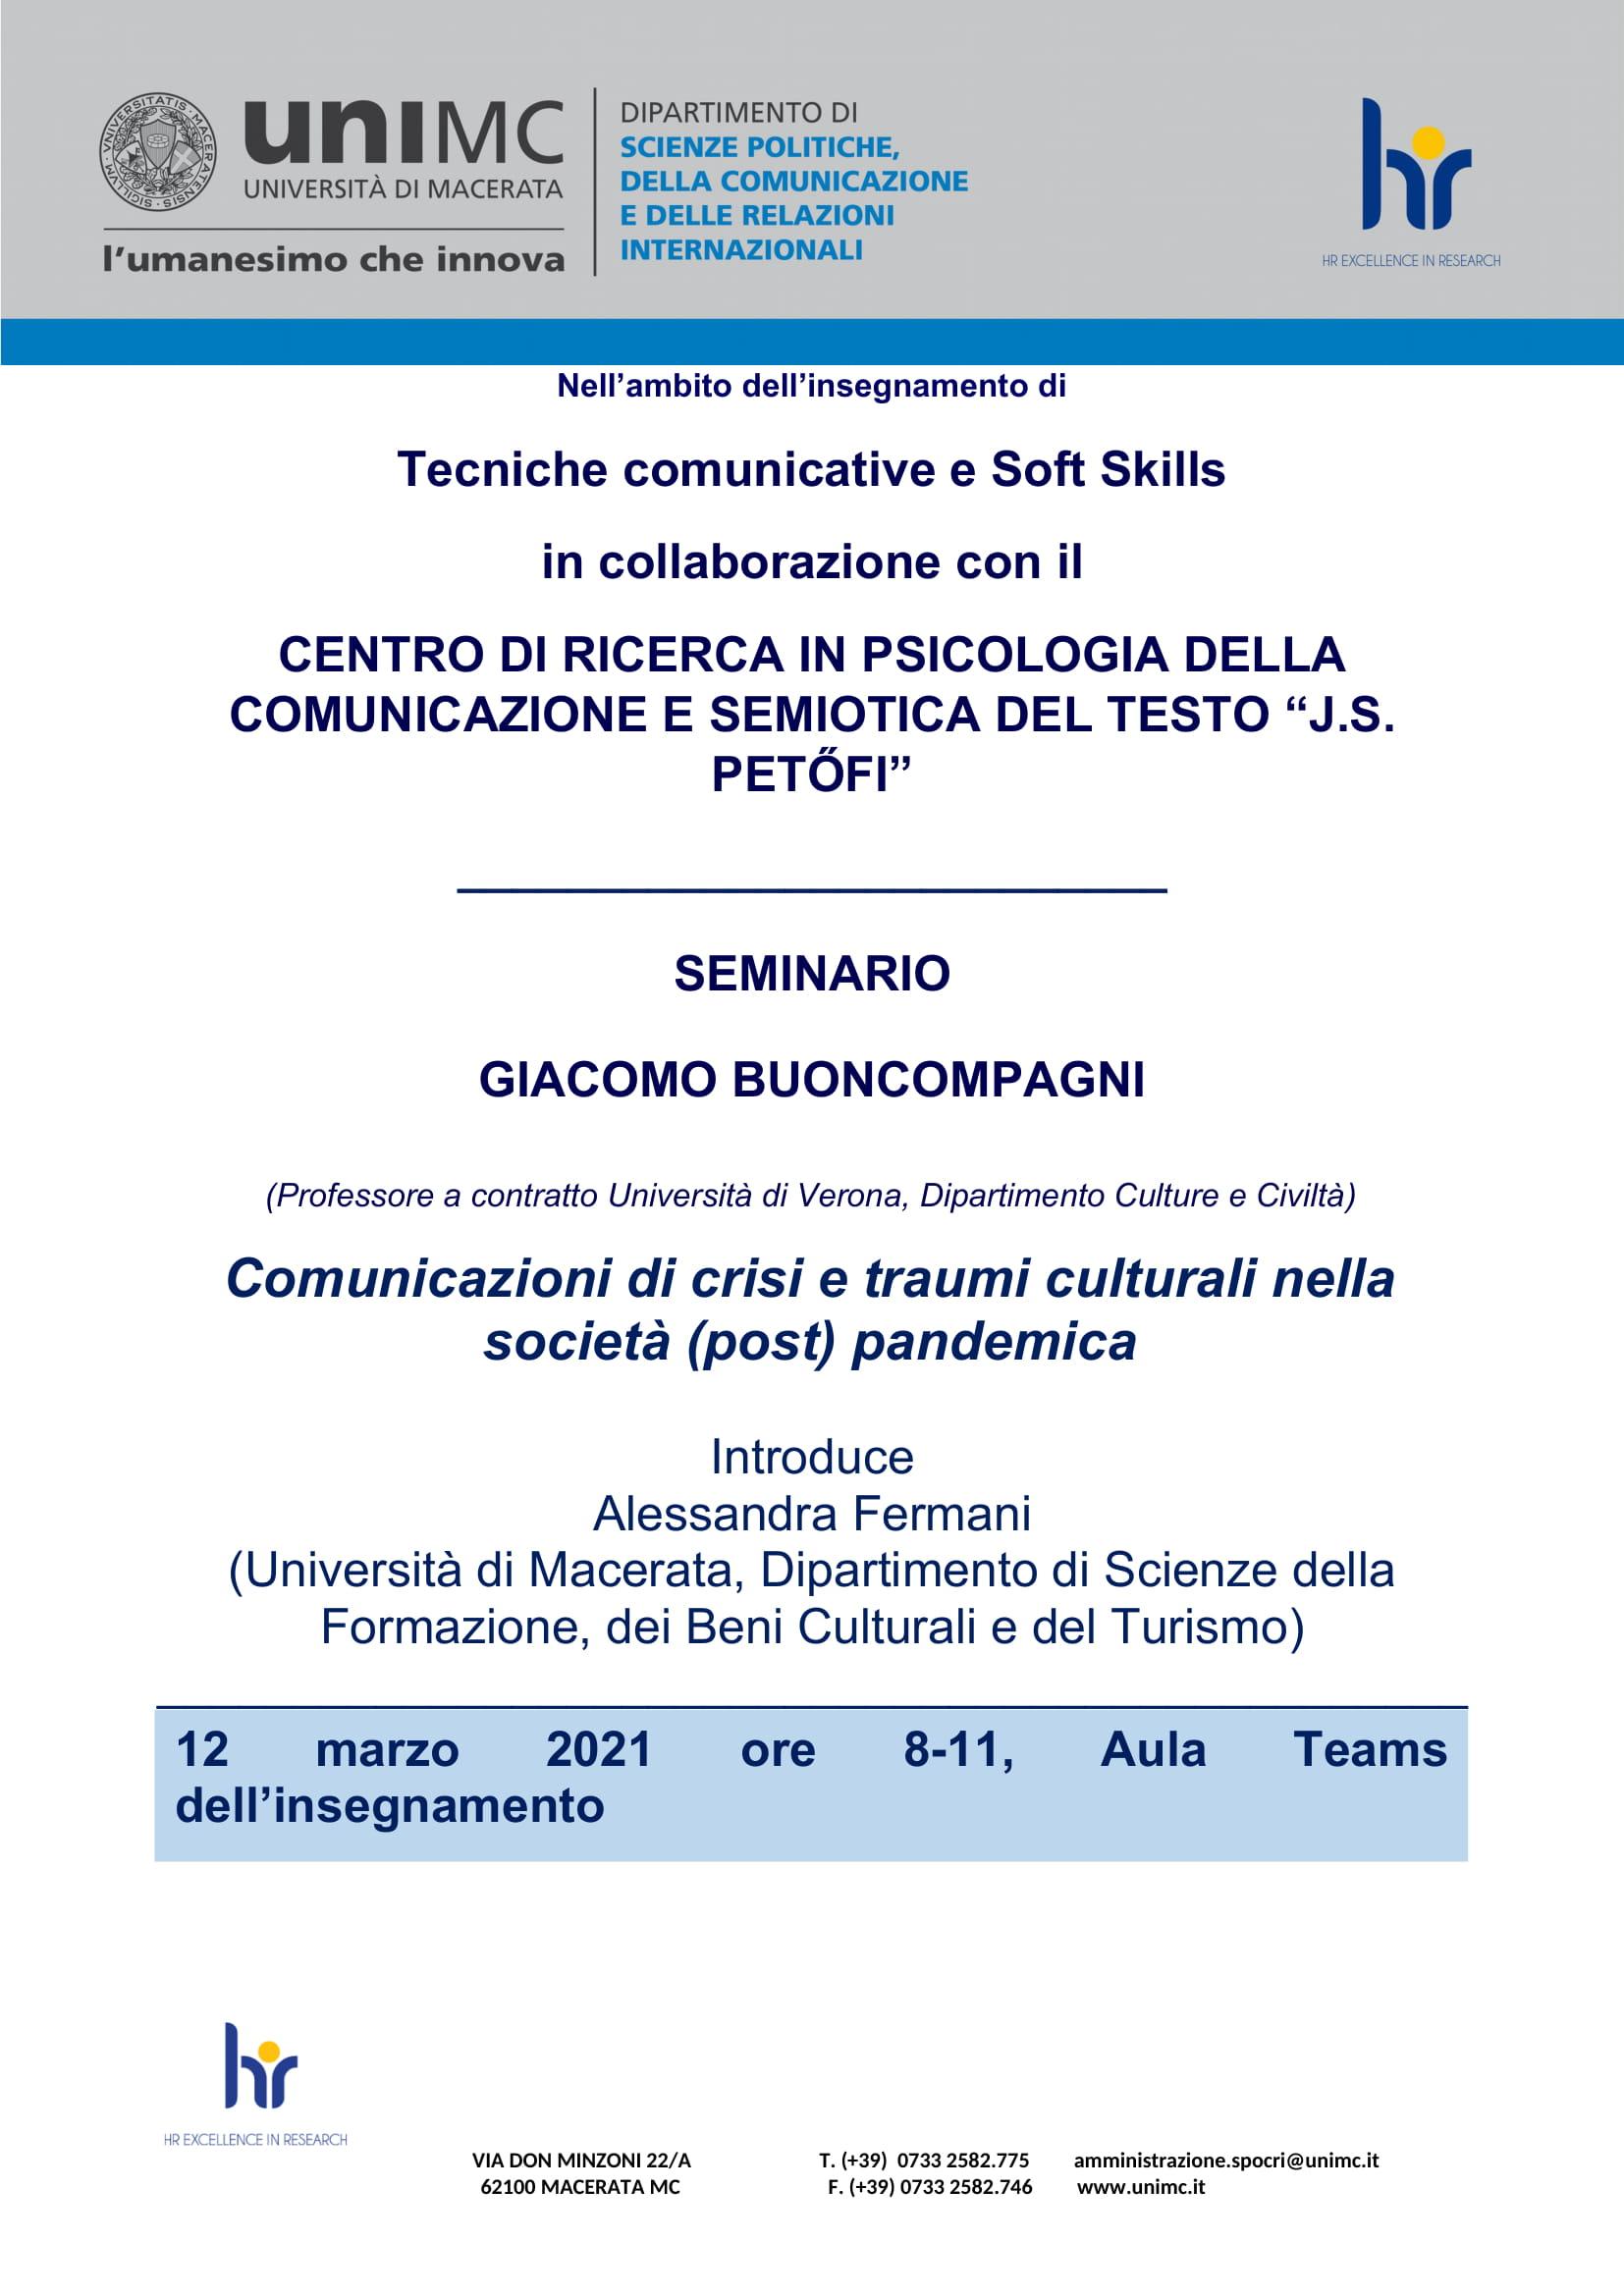 """Seminario: """"Comunicazioni di crisi e traumi culturali nella società (post) pandemica"""""""